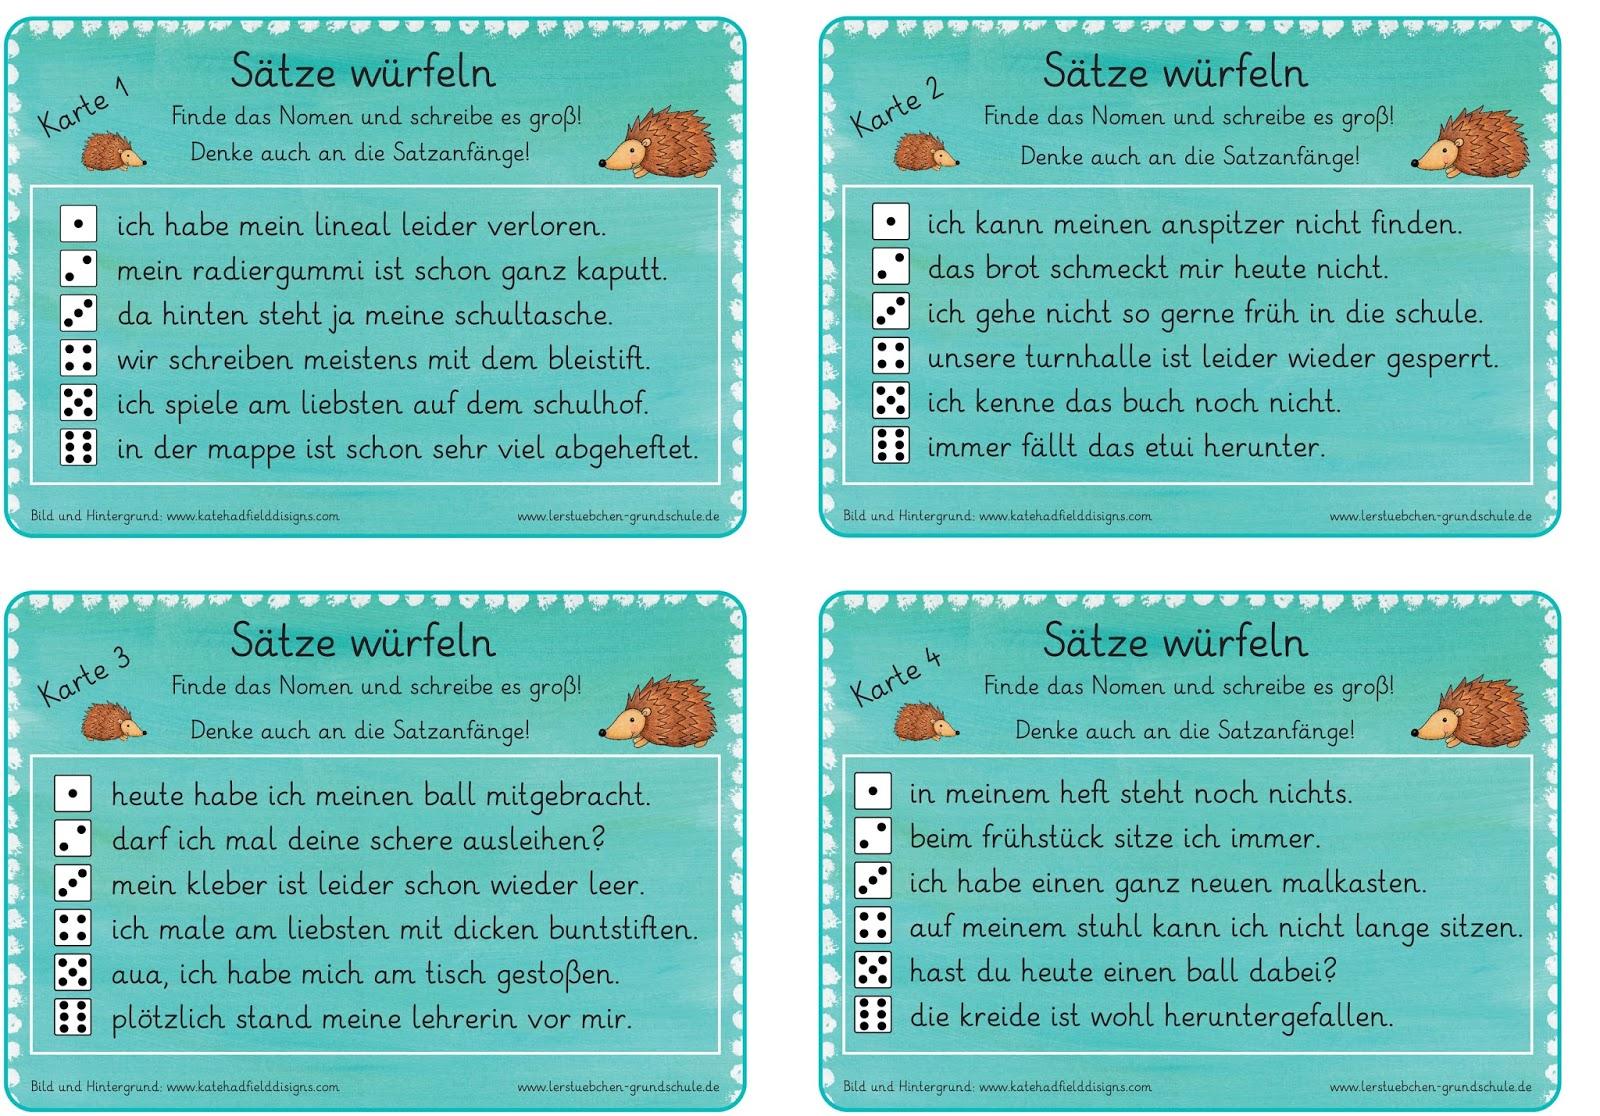 Lernstübchen: Nomen und Satzanfänge groß schreiben